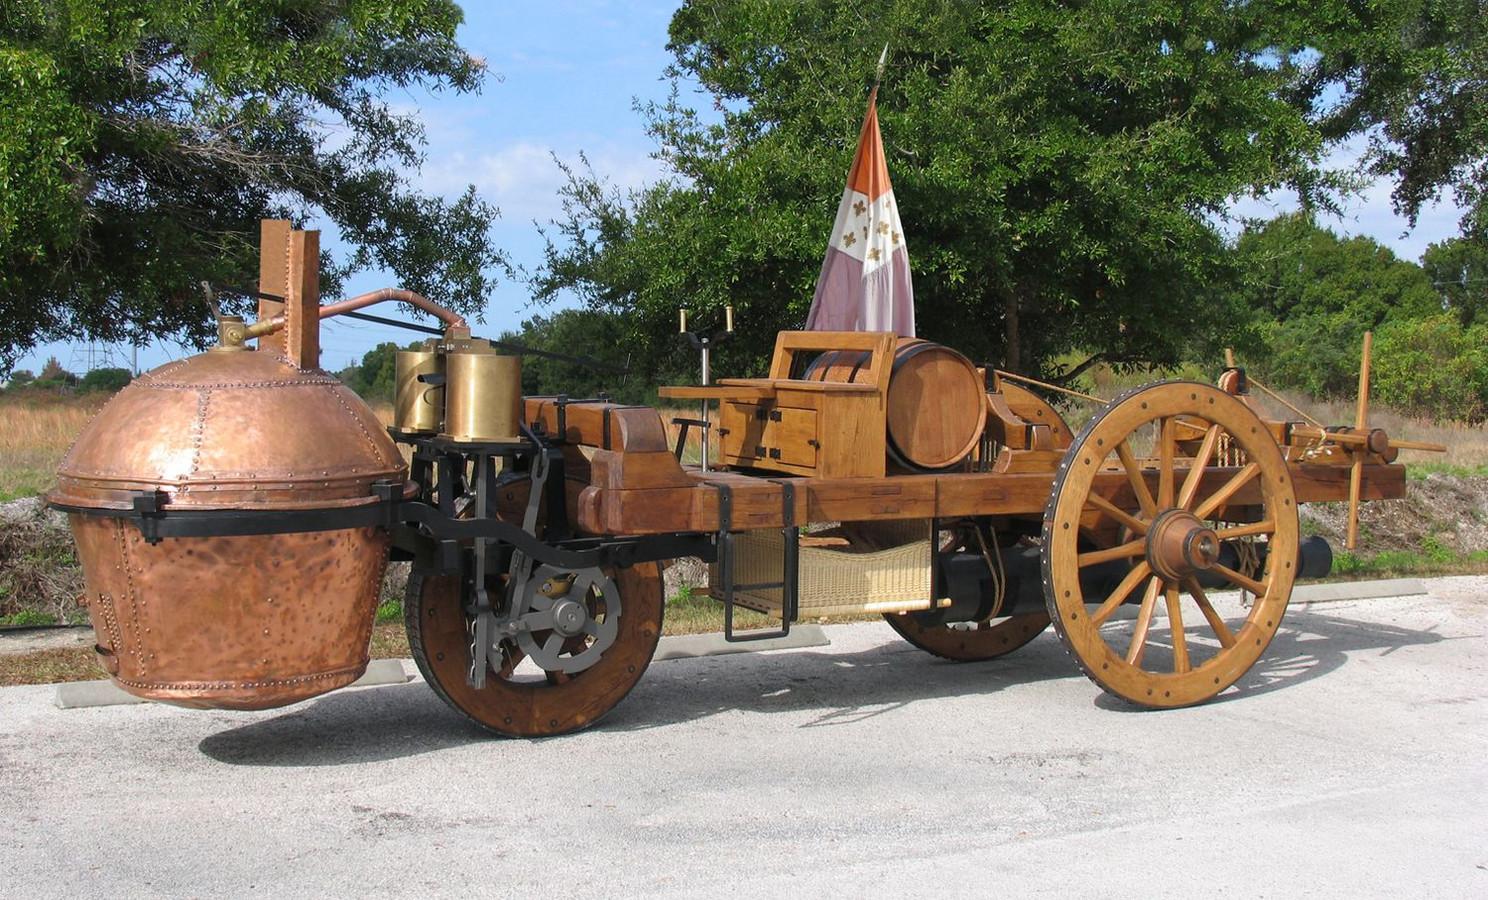 De allereerste auto, aangedreven door stoomkracht, gebruikt door het Franse leger in 1769.